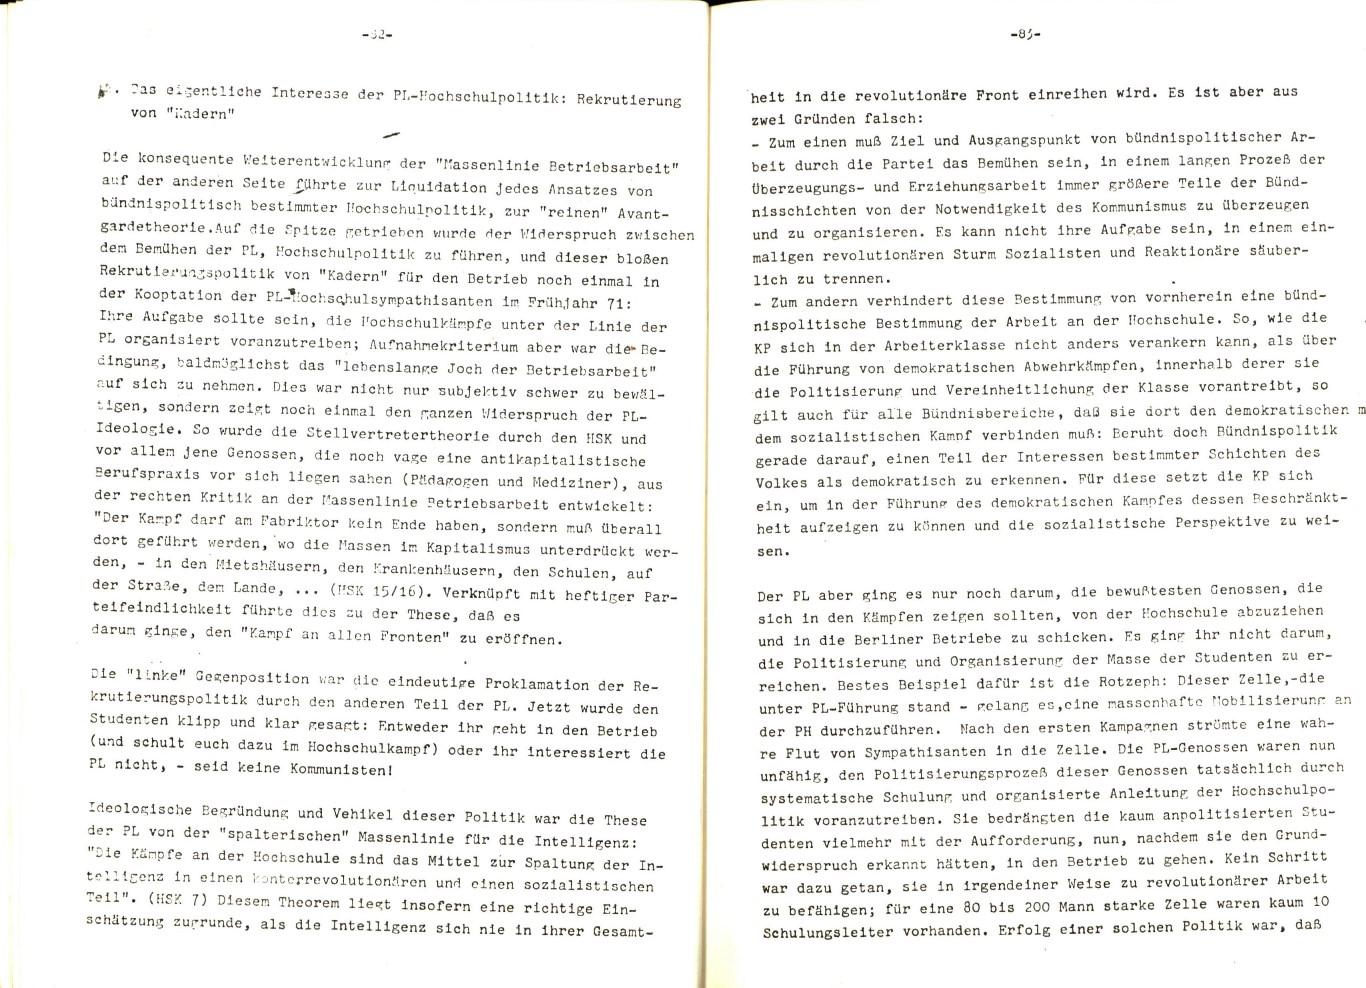 PLPI_1971_Aufloesung_44